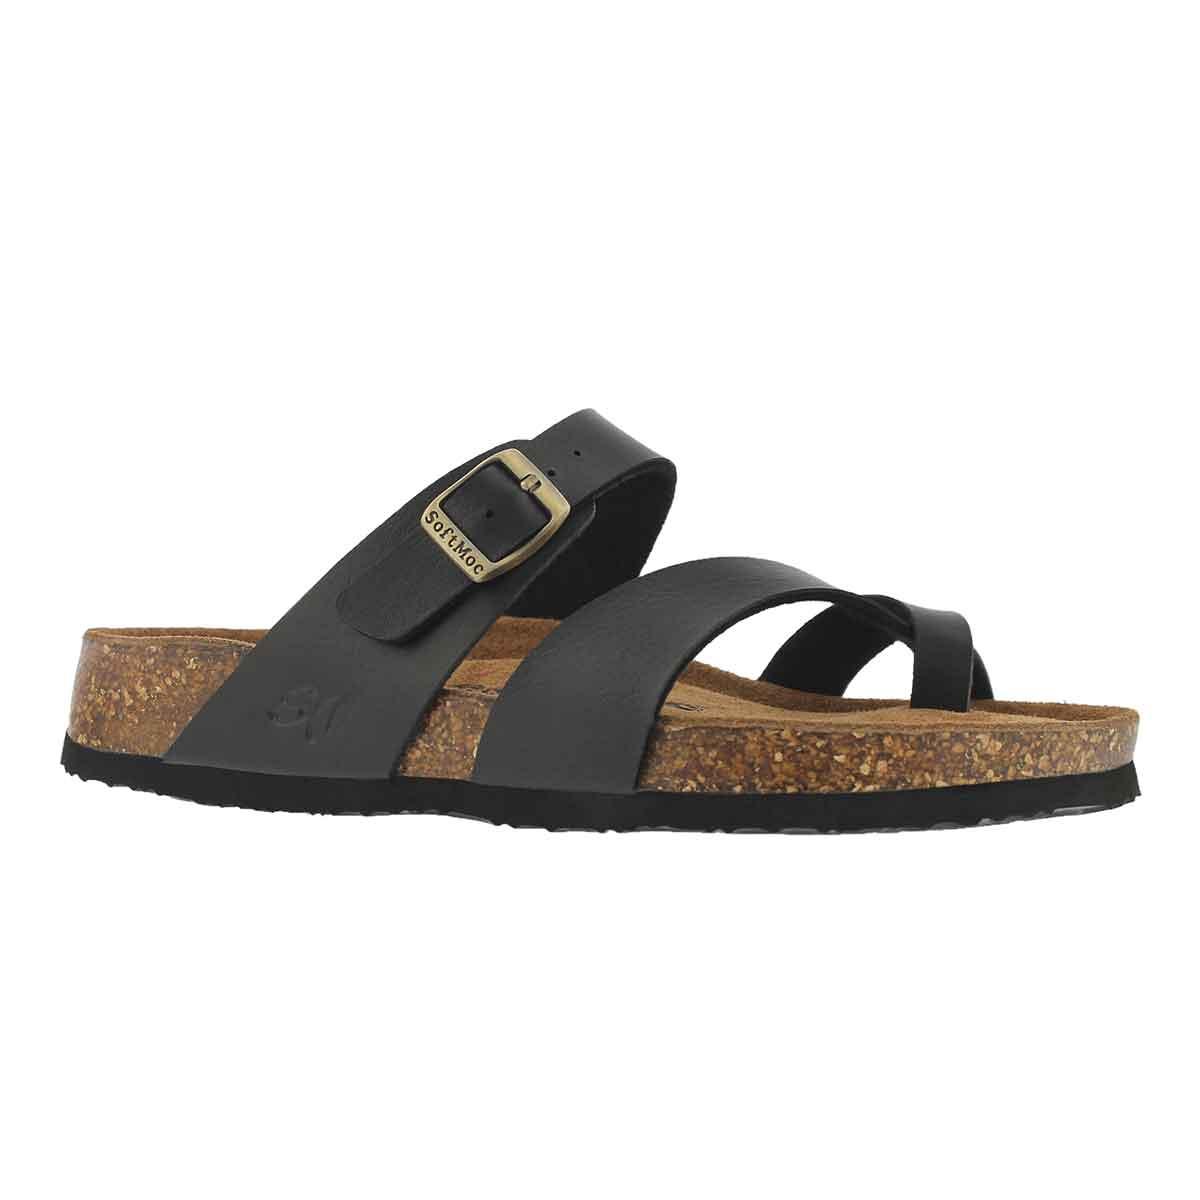 Women's ALICIA 5 PU black memory foam sandals